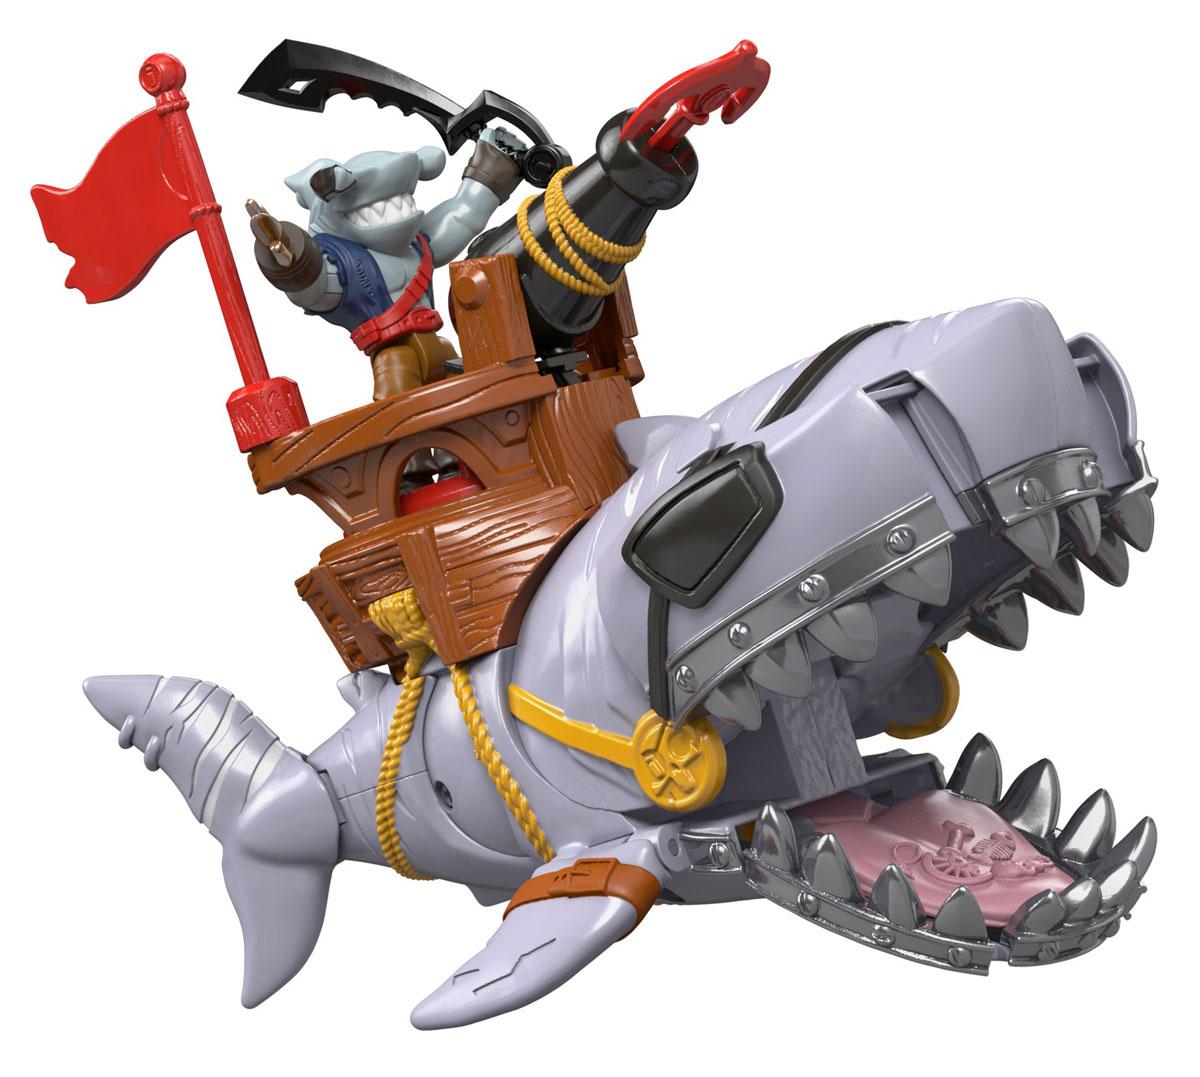 Imaginext Игровой набор Капитан Немо и скат DHH64_DHH66DHH64_DHH66Йо-хо-хо! С этими игрушками юные любители пиратов могут дать волю своей фантазии и отправиться покорять моря. В этом им поможет фигурка пирата и невероятные аксессуары для защиты территории и своих сокровищ! Собери всех пиратов и устрой битву буканьеров! (Наборы продаются отдельно. ) Imaginext … Turn on Adventure! О продукте В набор входит фигурка пирата и забавная интерактивная игрушка. Собери всех пиратов для лихих приключений! (Наборы продаются отдельно. )